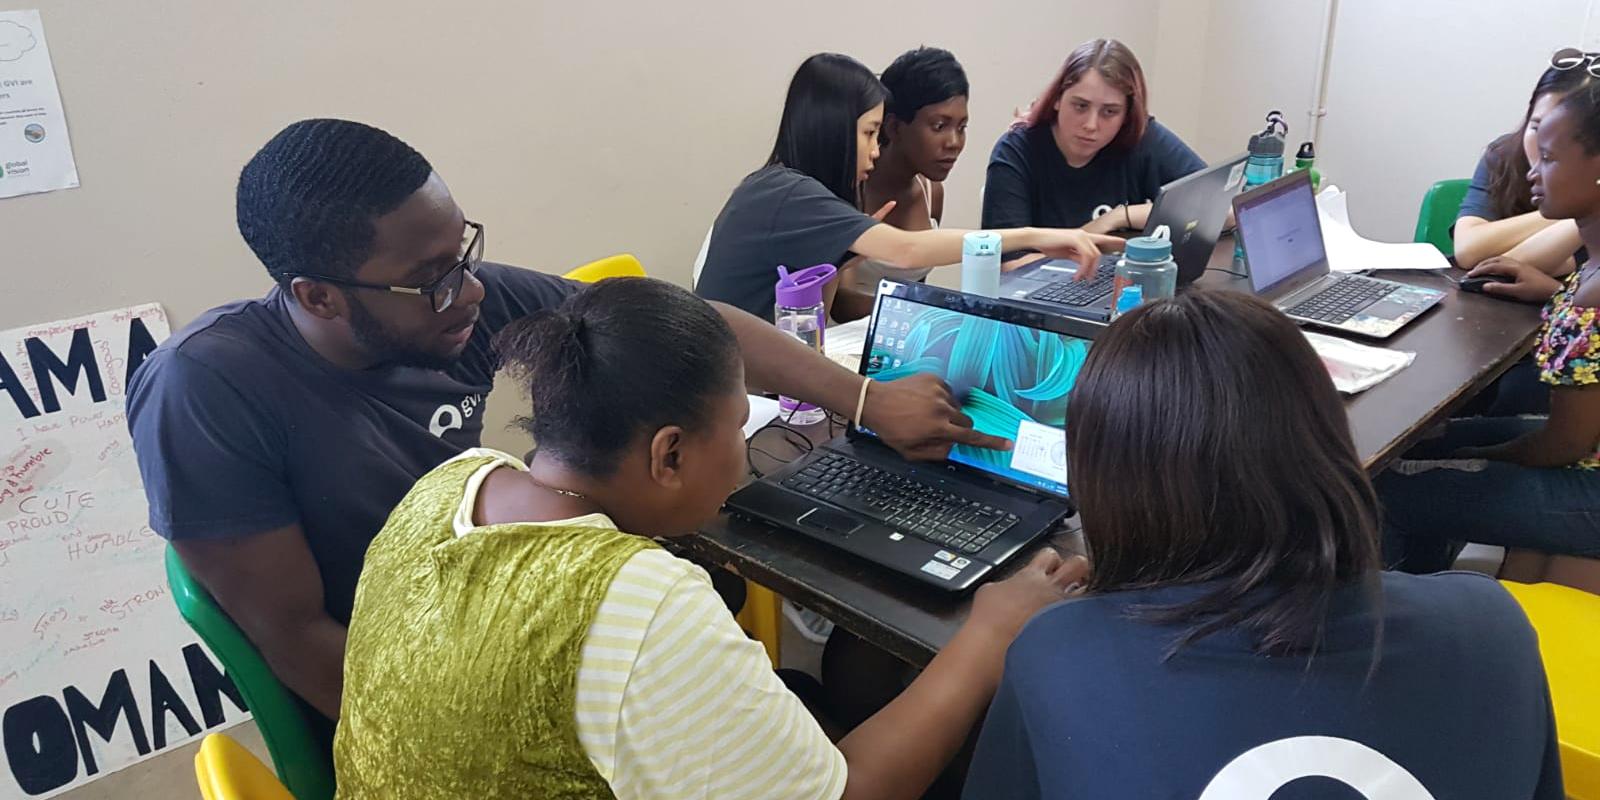 Participants lead a skills developmment workshop as part of GVIs women's empowerment programs.